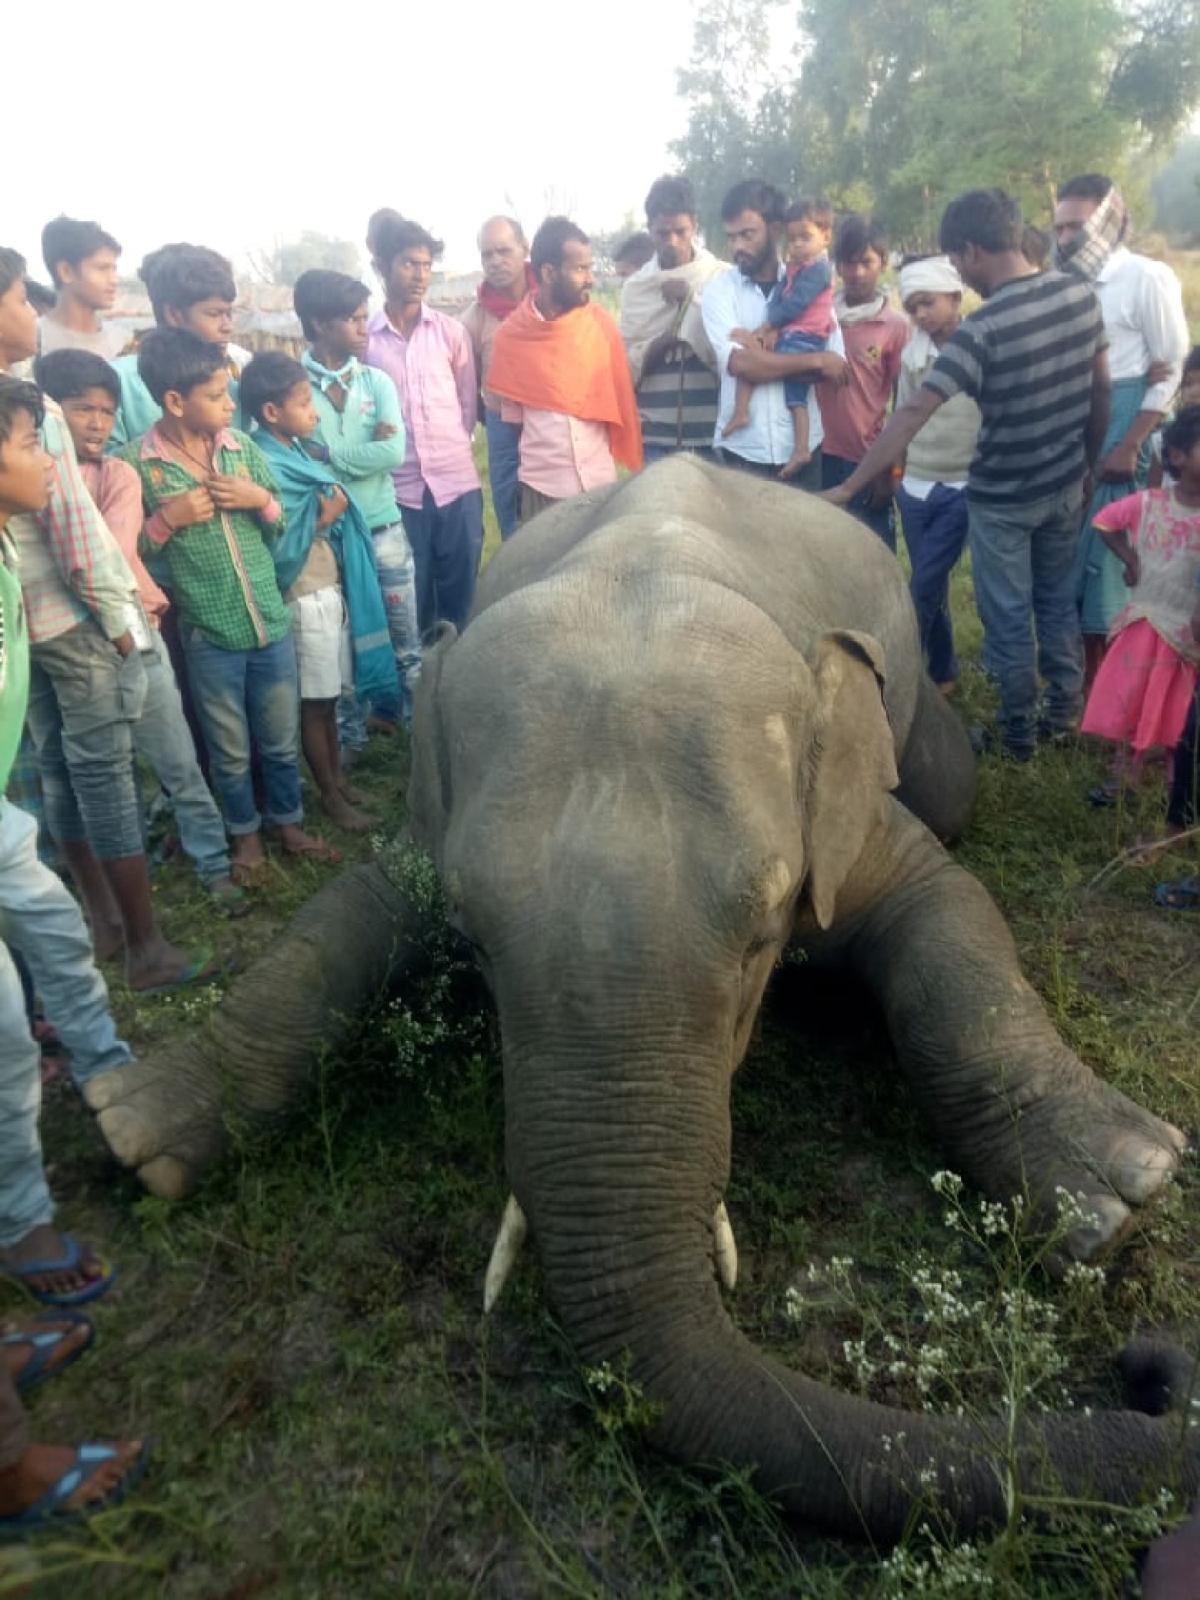 झारखंड में लॉकडाउन के दौरान करंट लगने से हाथी की मौत